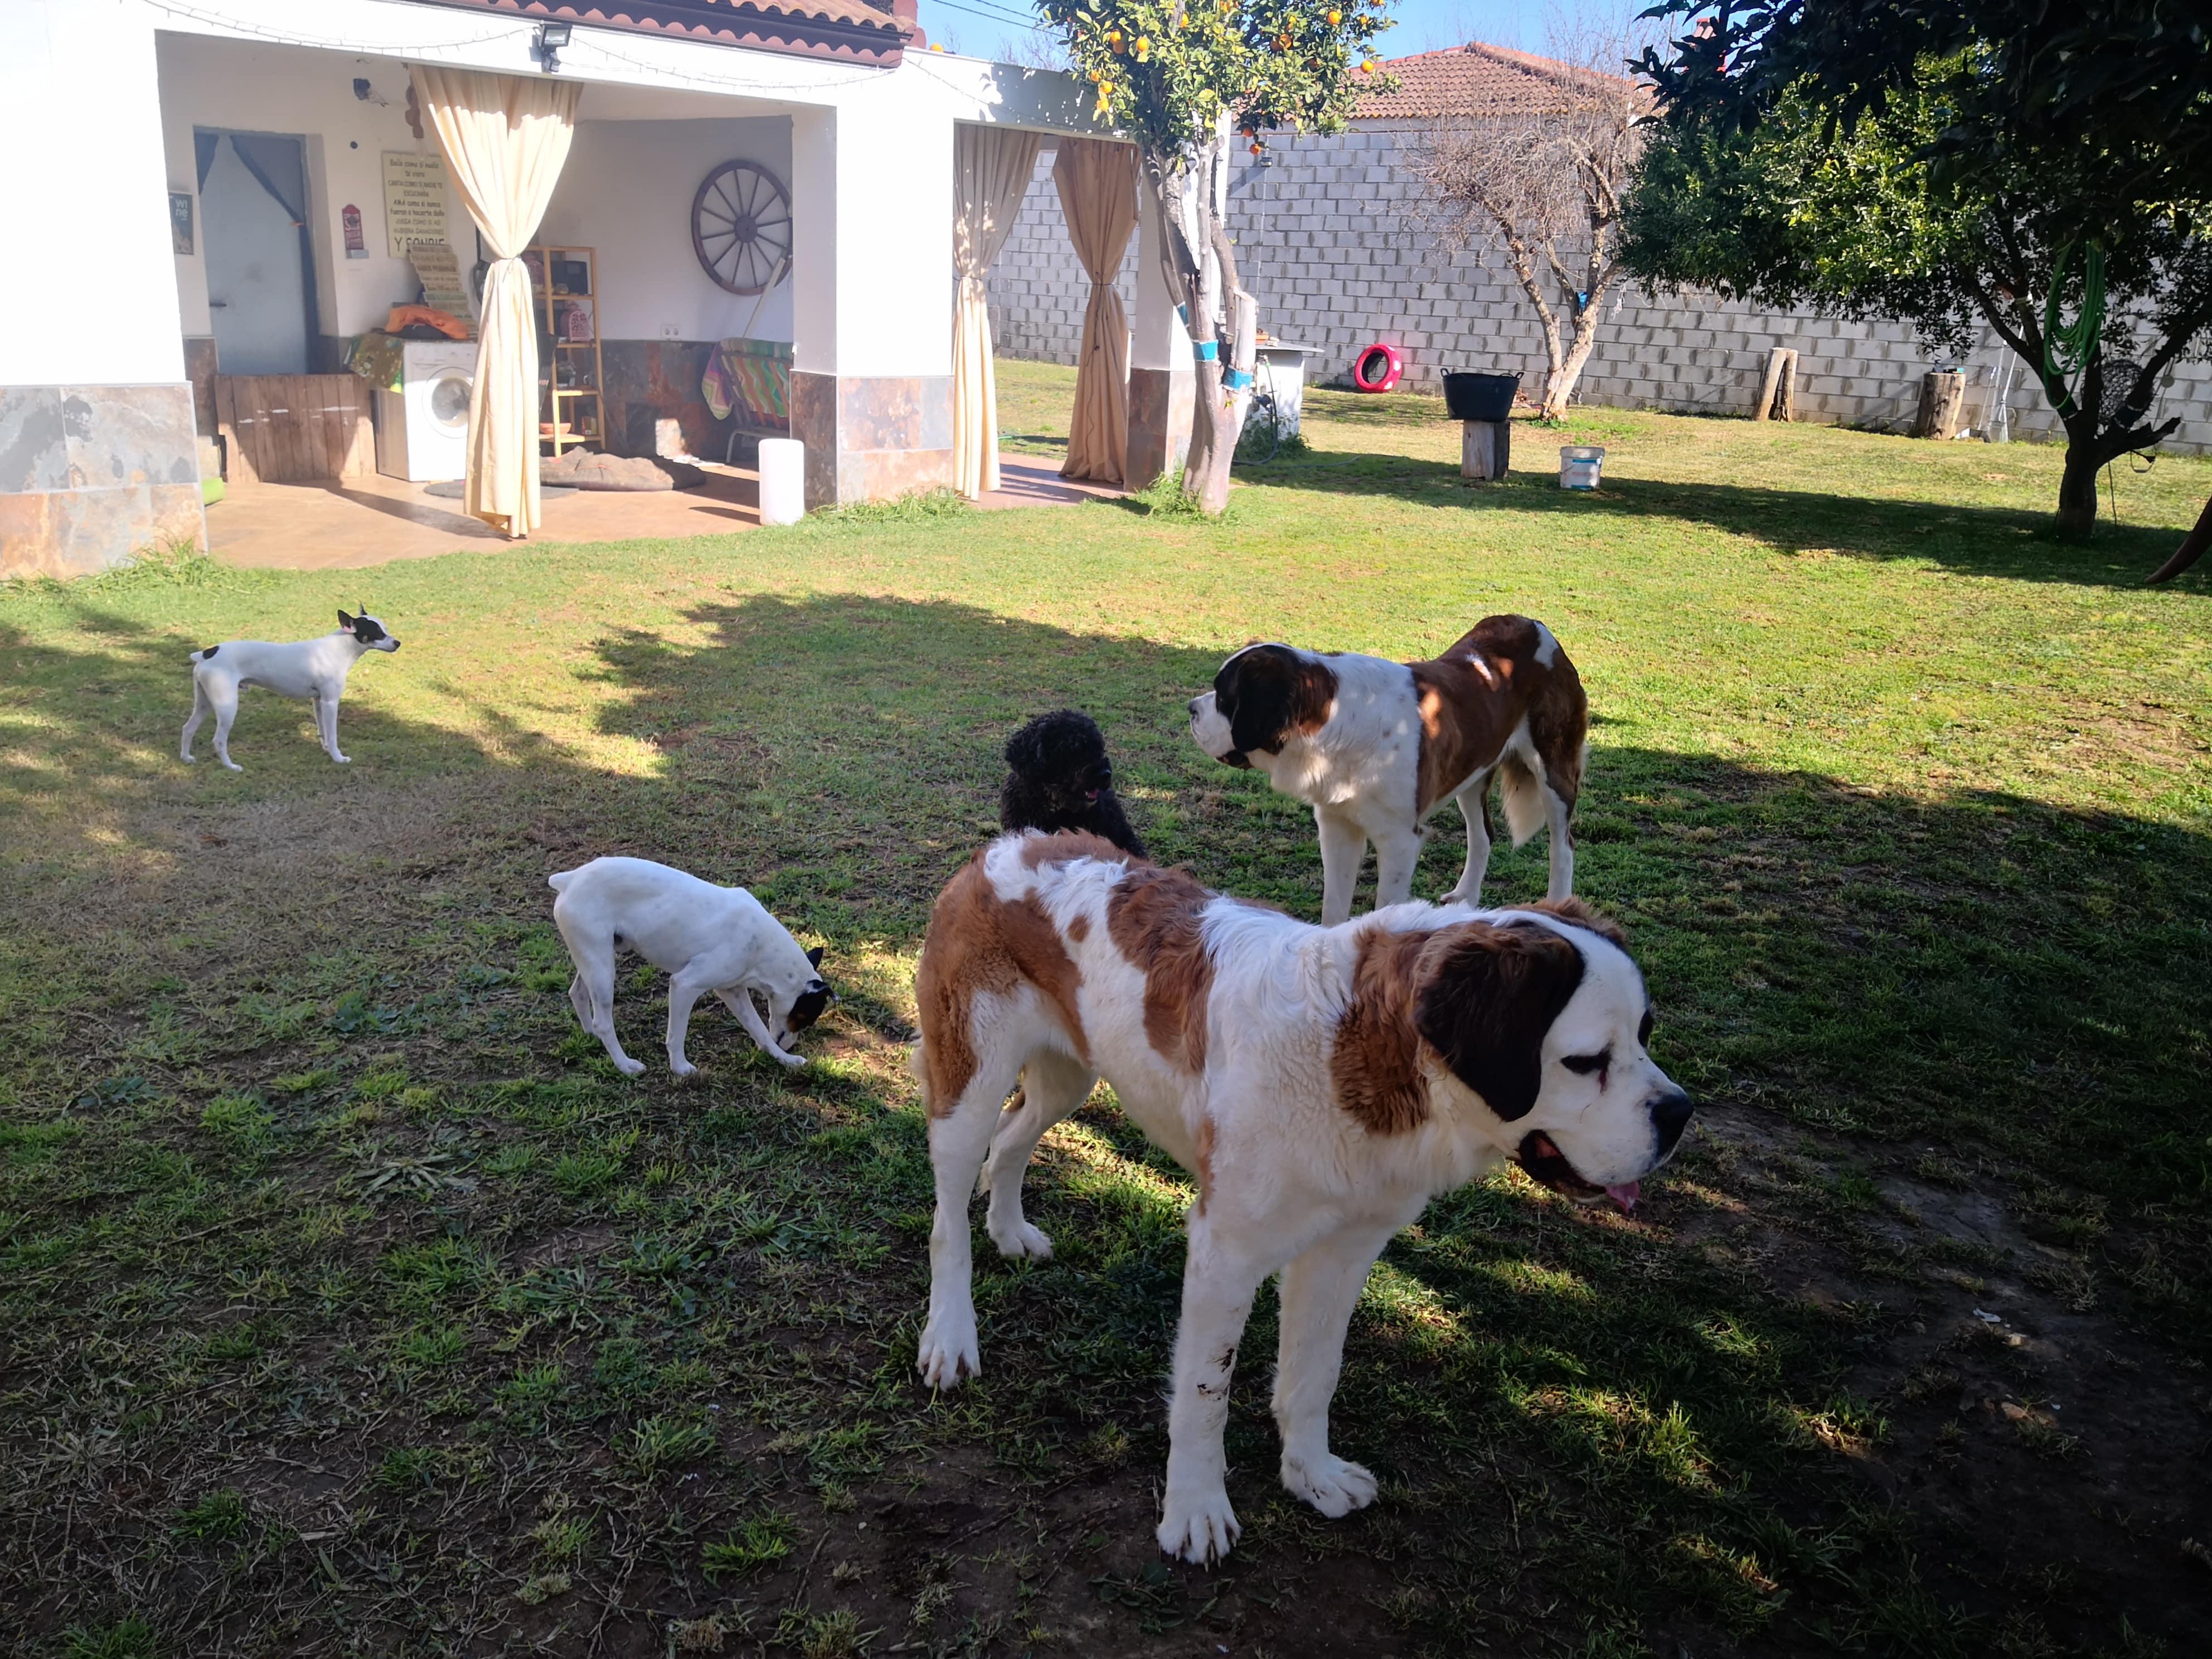 Perros jugando en la residencia para perros